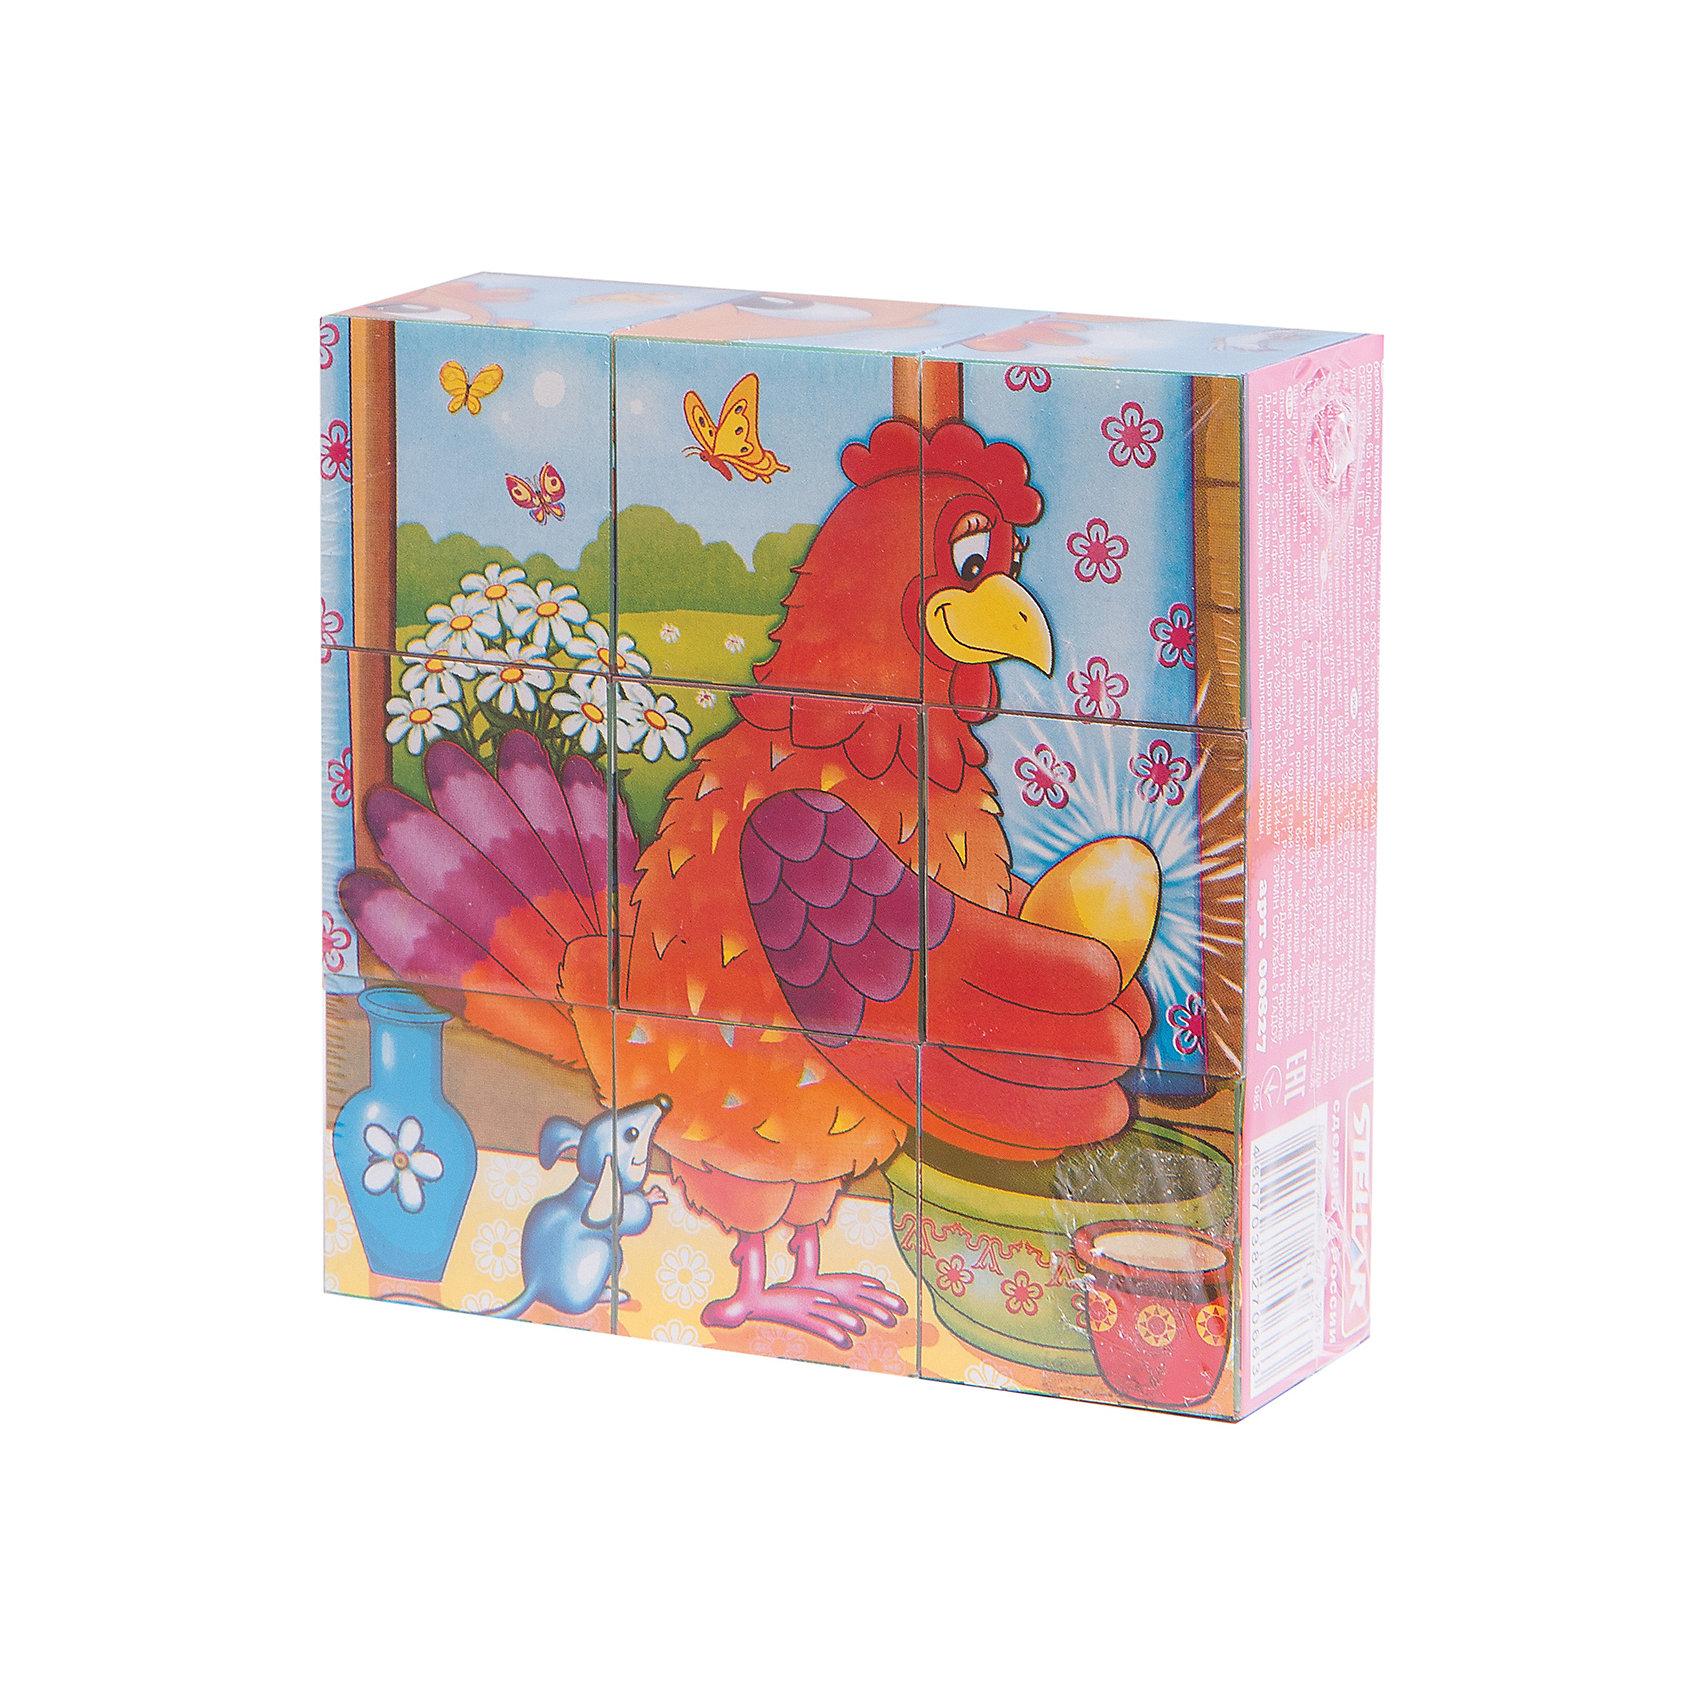 Кубики в картинках 27 (персонажи сказок), СтелларНабор из 9 кубиков на тему Персонажи сказок от Стеллар (Stellar) — увлекательная игра для Вашего ребенка. На каждую грань кубиков наклеены бумажные красочные картинки. Из изображений на кубиках, можно собрать шесть больших сказочных картинок: <br>- Баба Яга<br>- Колобок<br>- Кот в Сапогах<br>- Маугли<br>- Снеговик<br>- Курочка Ряба.<br><br>Игра с такими кубиками позволить тренировать память, внимание и мелкую моторику рук.<br><br>Набор кубиков «Персонажи сказок» надолго увлечет Вашего ребенка!<br><br>Дополнительная информация:<br><br>- В комплекте: 9 кубиков<br>- Материал: полистирол, бумага<br>- Размер кубика: 40 х 40 х 40 мм<br>- Собираемой картинки: 120 х 120 мм<br>- Размер упаковки: 120 х 120 х 40 мм<br>- Вес: 150 г.<br><br>Кубики в картинках 27 (персонажи сказок) от Стеллар (Stellar) можно купить в нашем интернет-магазине.<br><br>Ширина мм: 120<br>Глубина мм: 120<br>Высота мм: 40<br>Вес г: 147<br>Возраст от месяцев: 36<br>Возраст до месяцев: 60<br>Пол: Унисекс<br>Возраст: Детский<br>SKU: 2407045